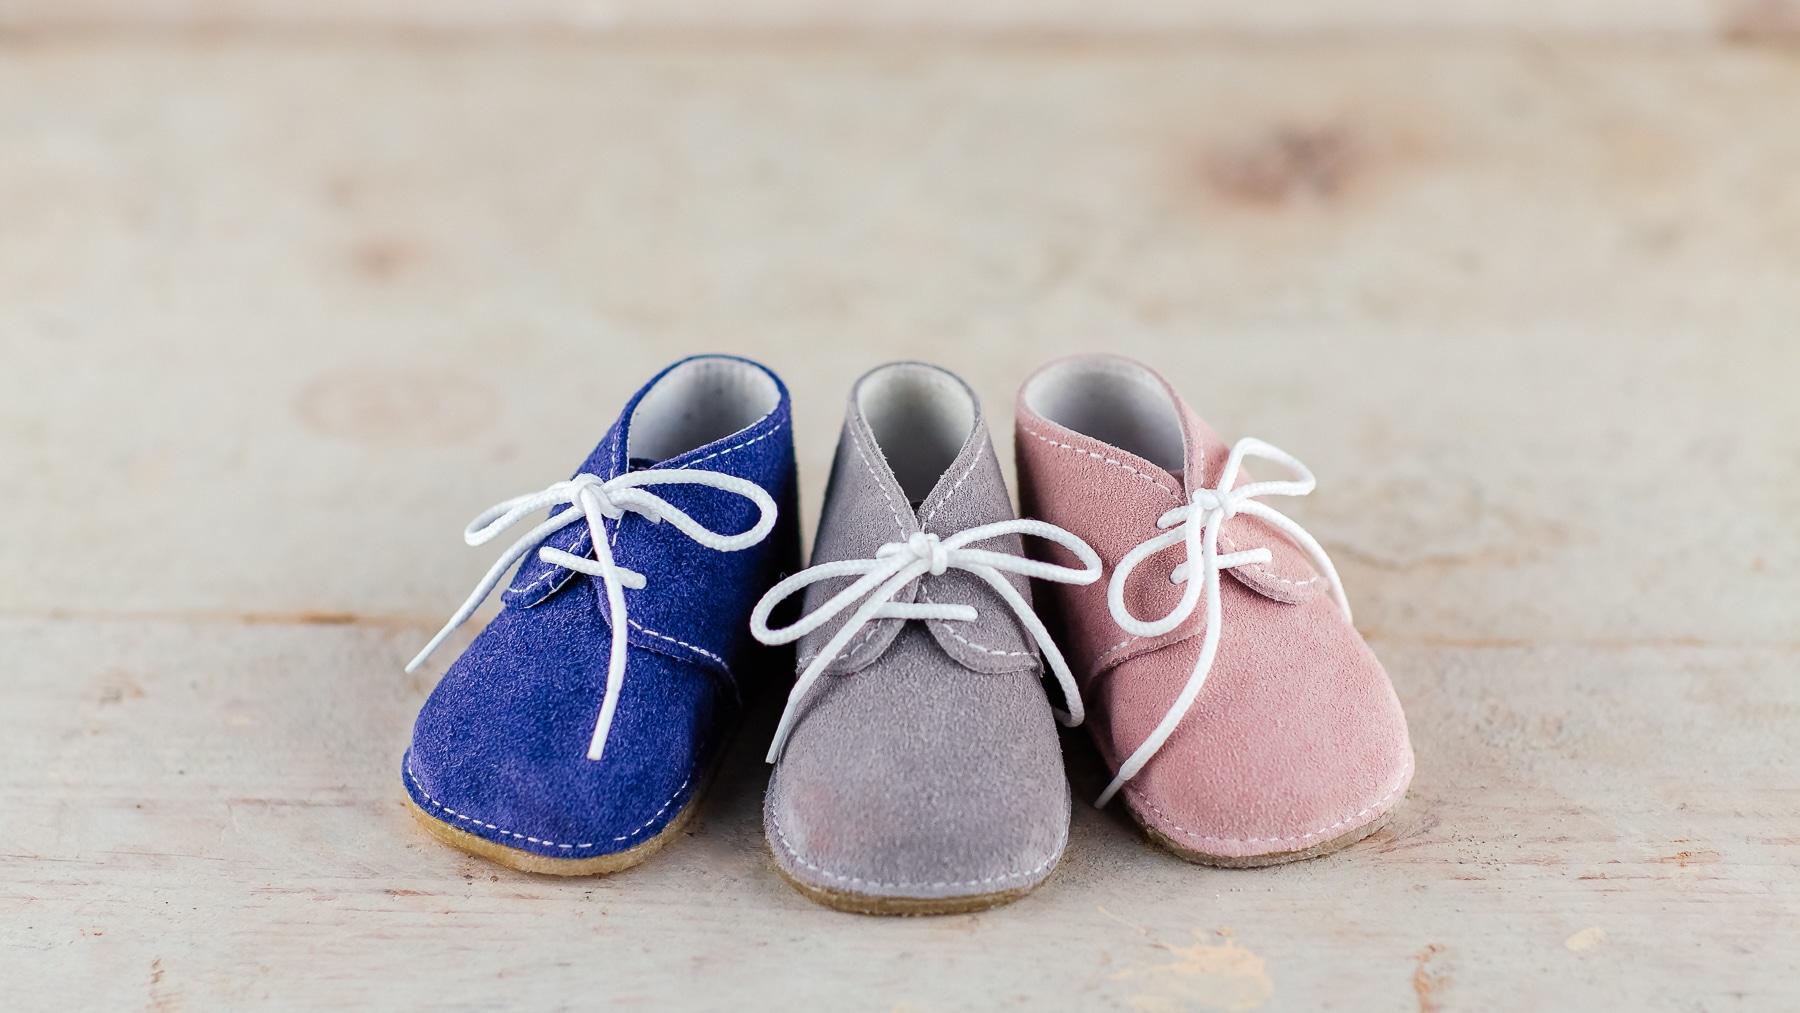 Fior di coccole produzione diretta scarpine e accessori for Accessori per neonati